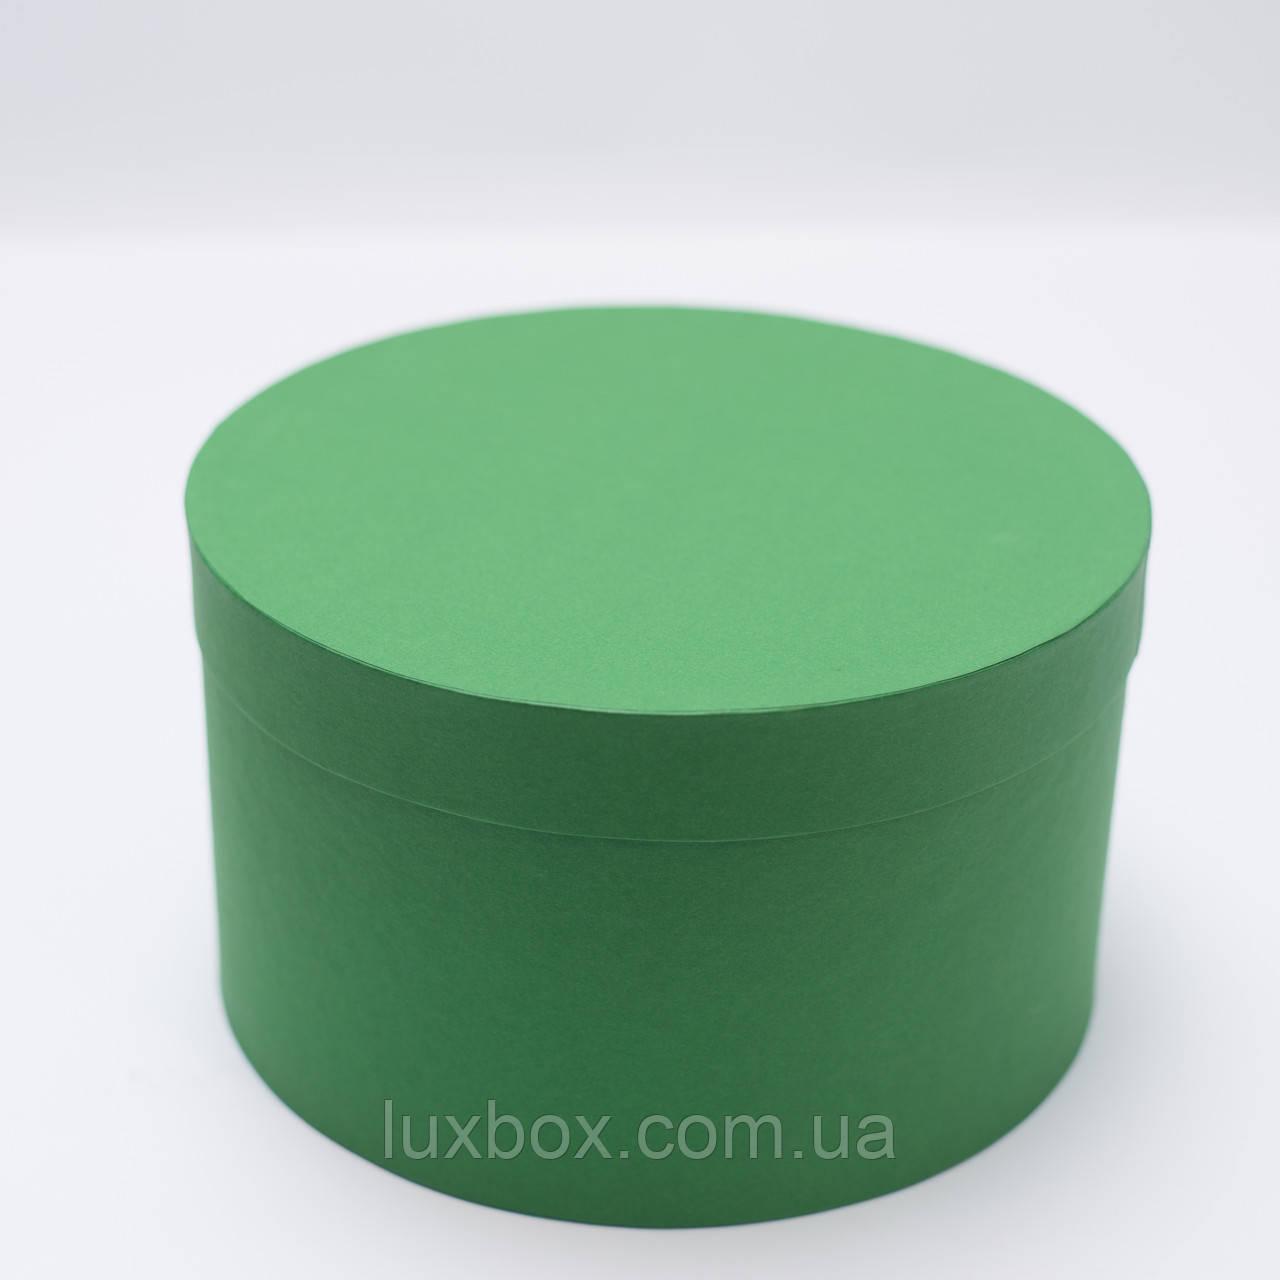 Шляпна коробка h15/d25